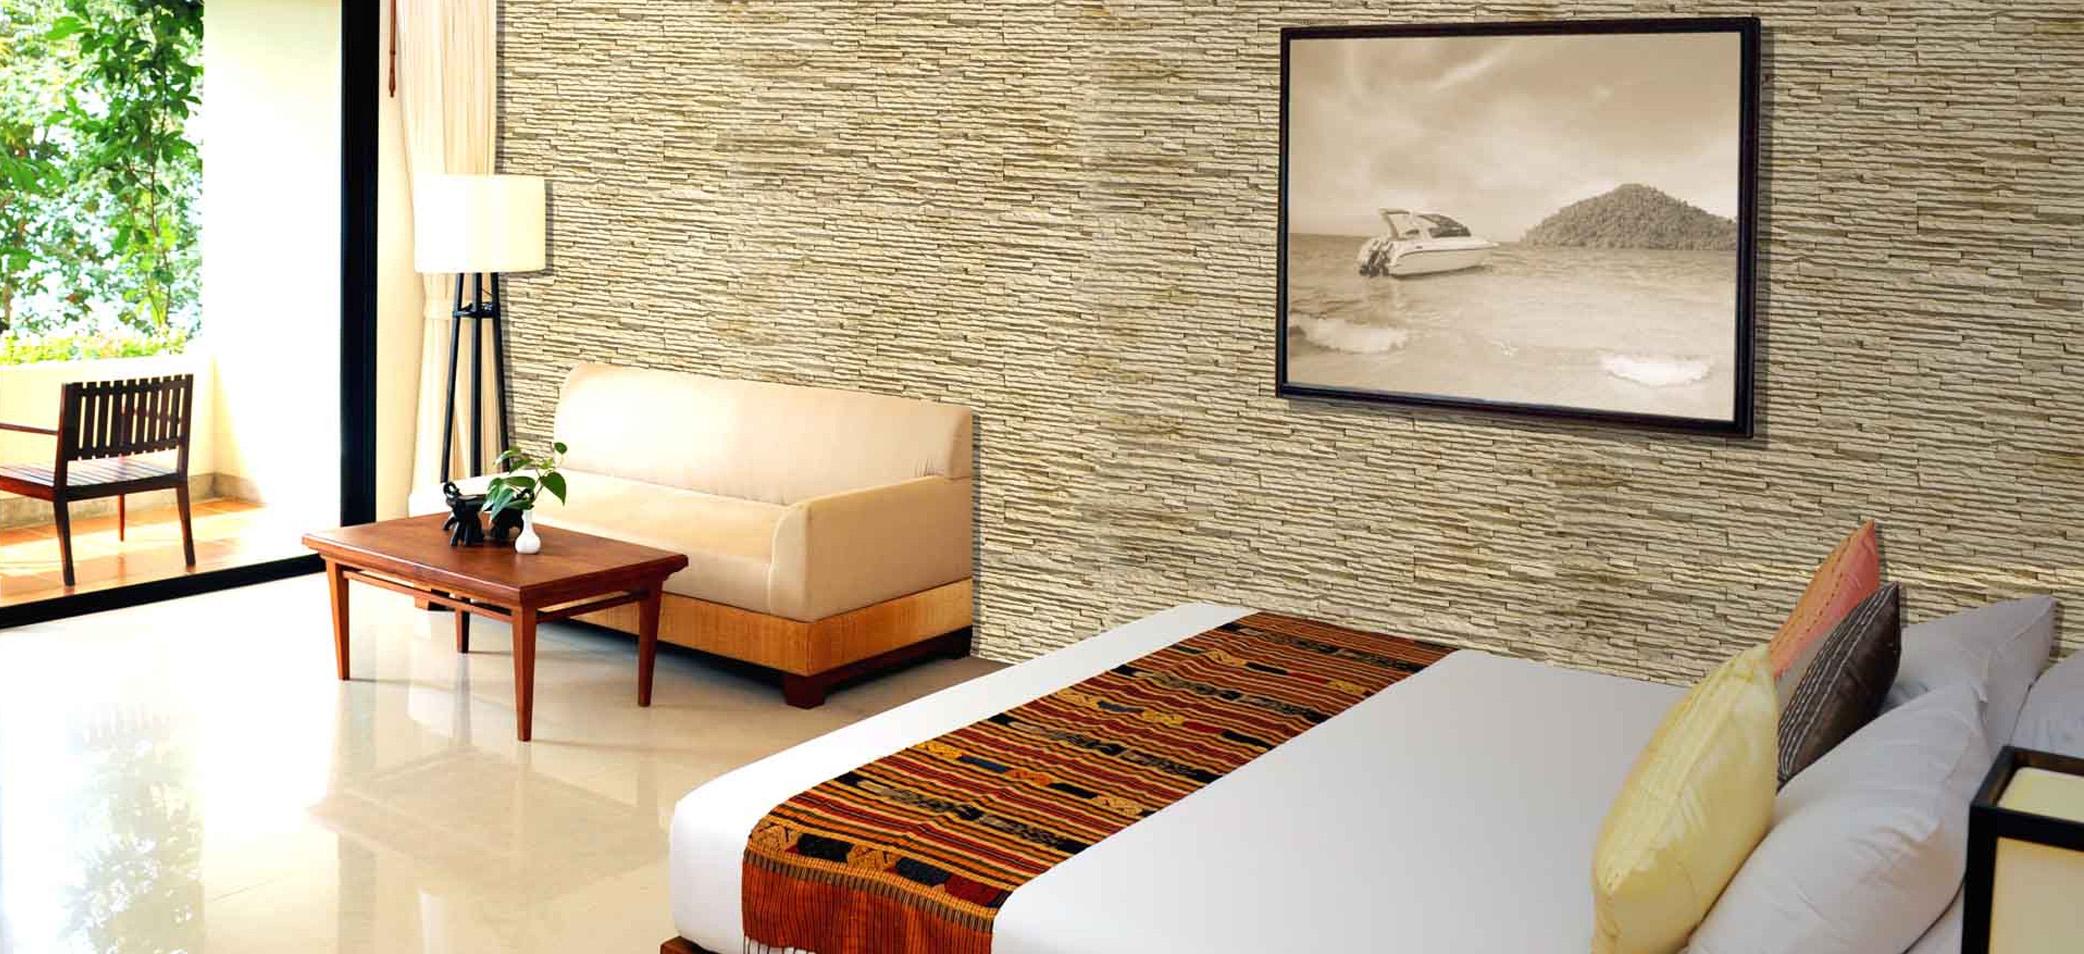 Panel piedra laja valladolid ocre paneles de decorativos panel de poliuretano - Paneles decorativos poliuretano ...